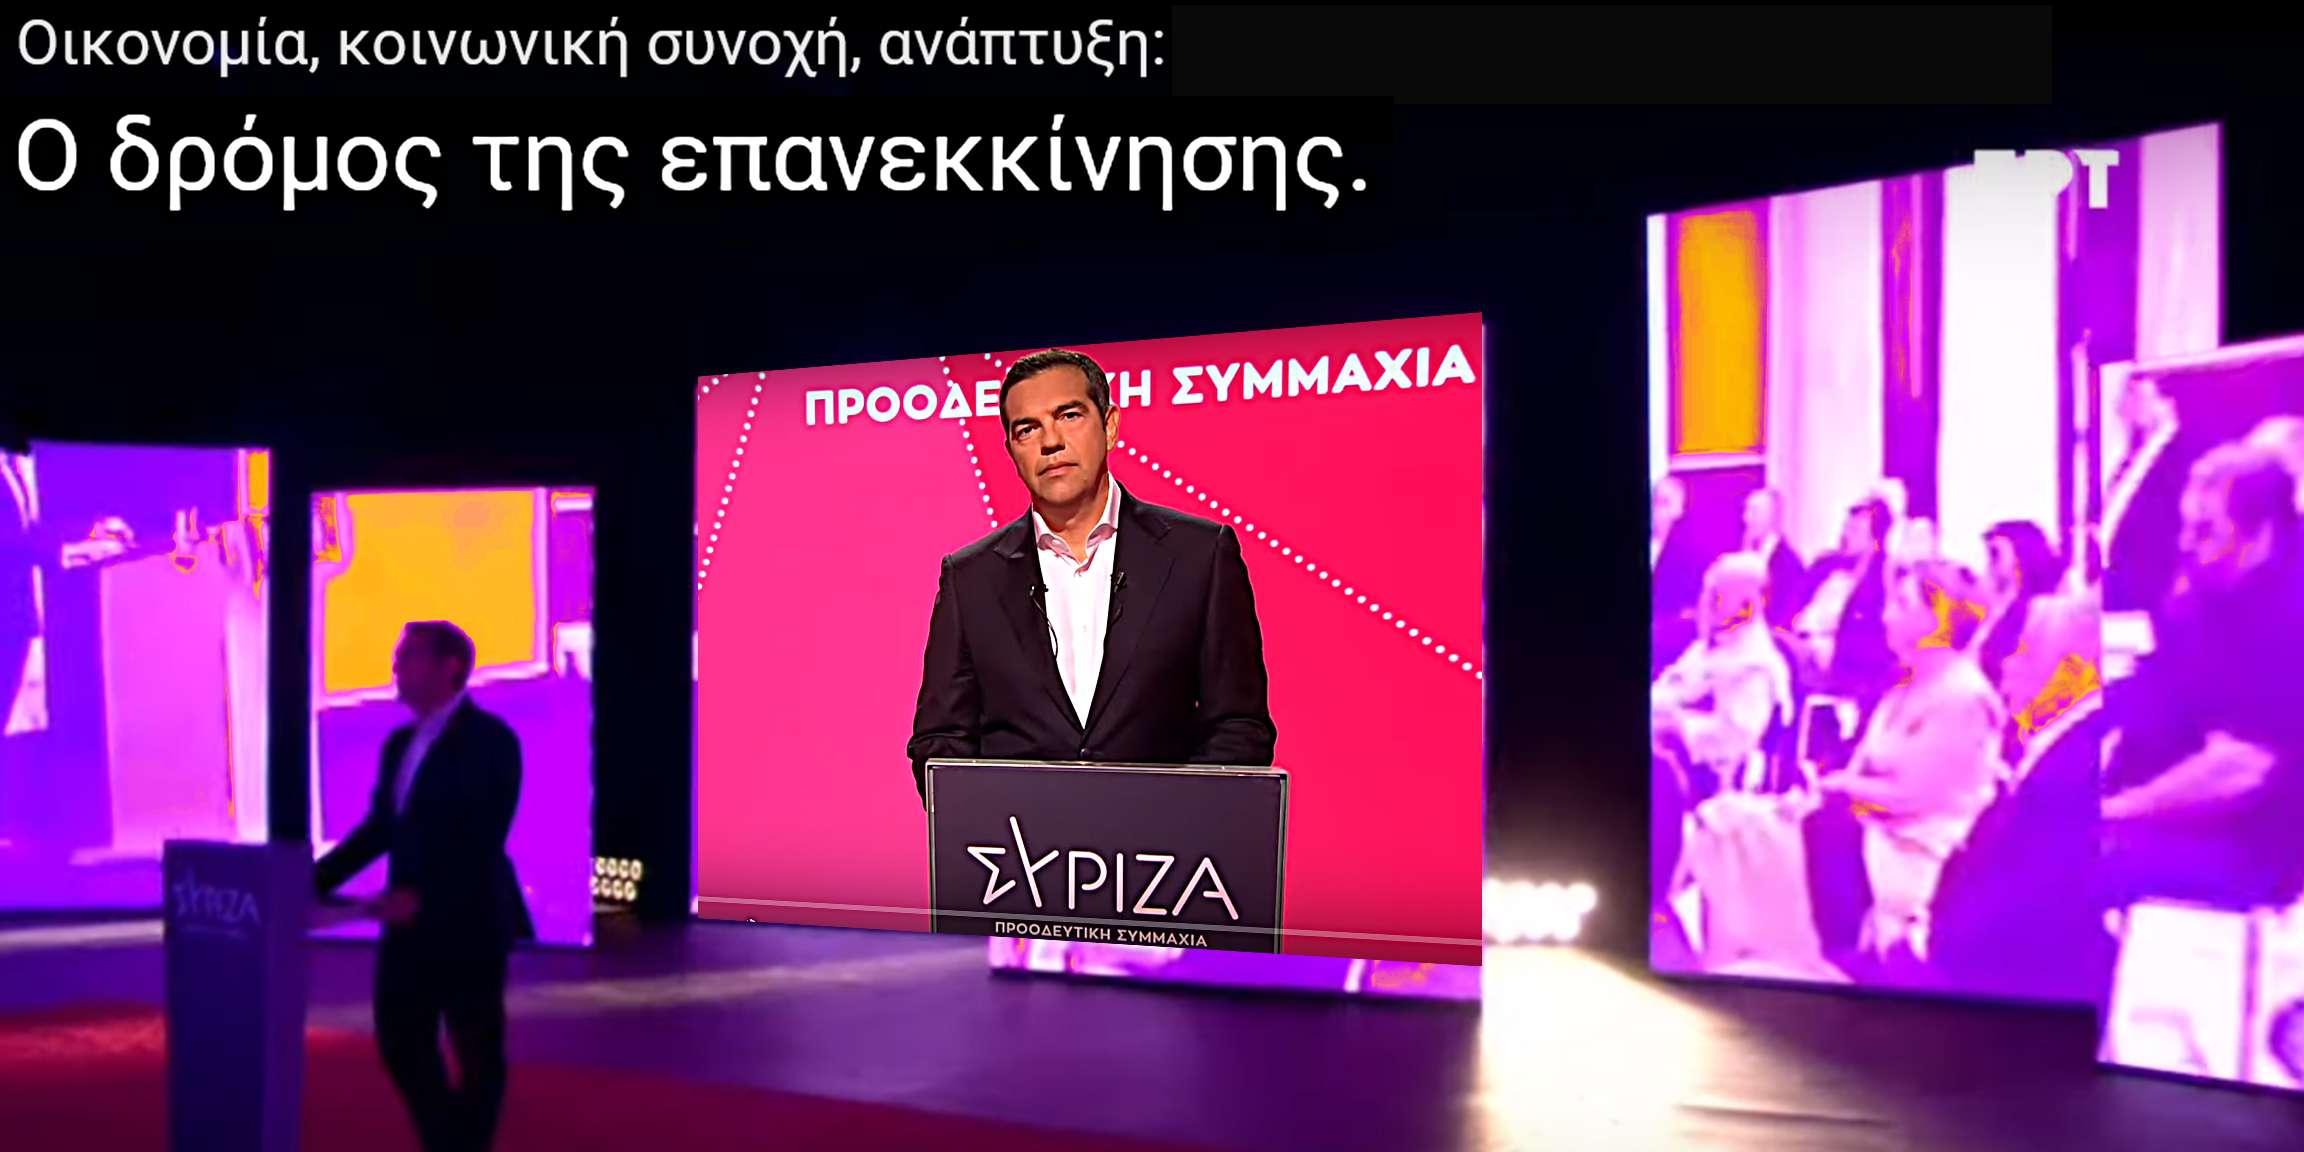 Τσίπρας επανεκκίνηση Tsipras relaoded